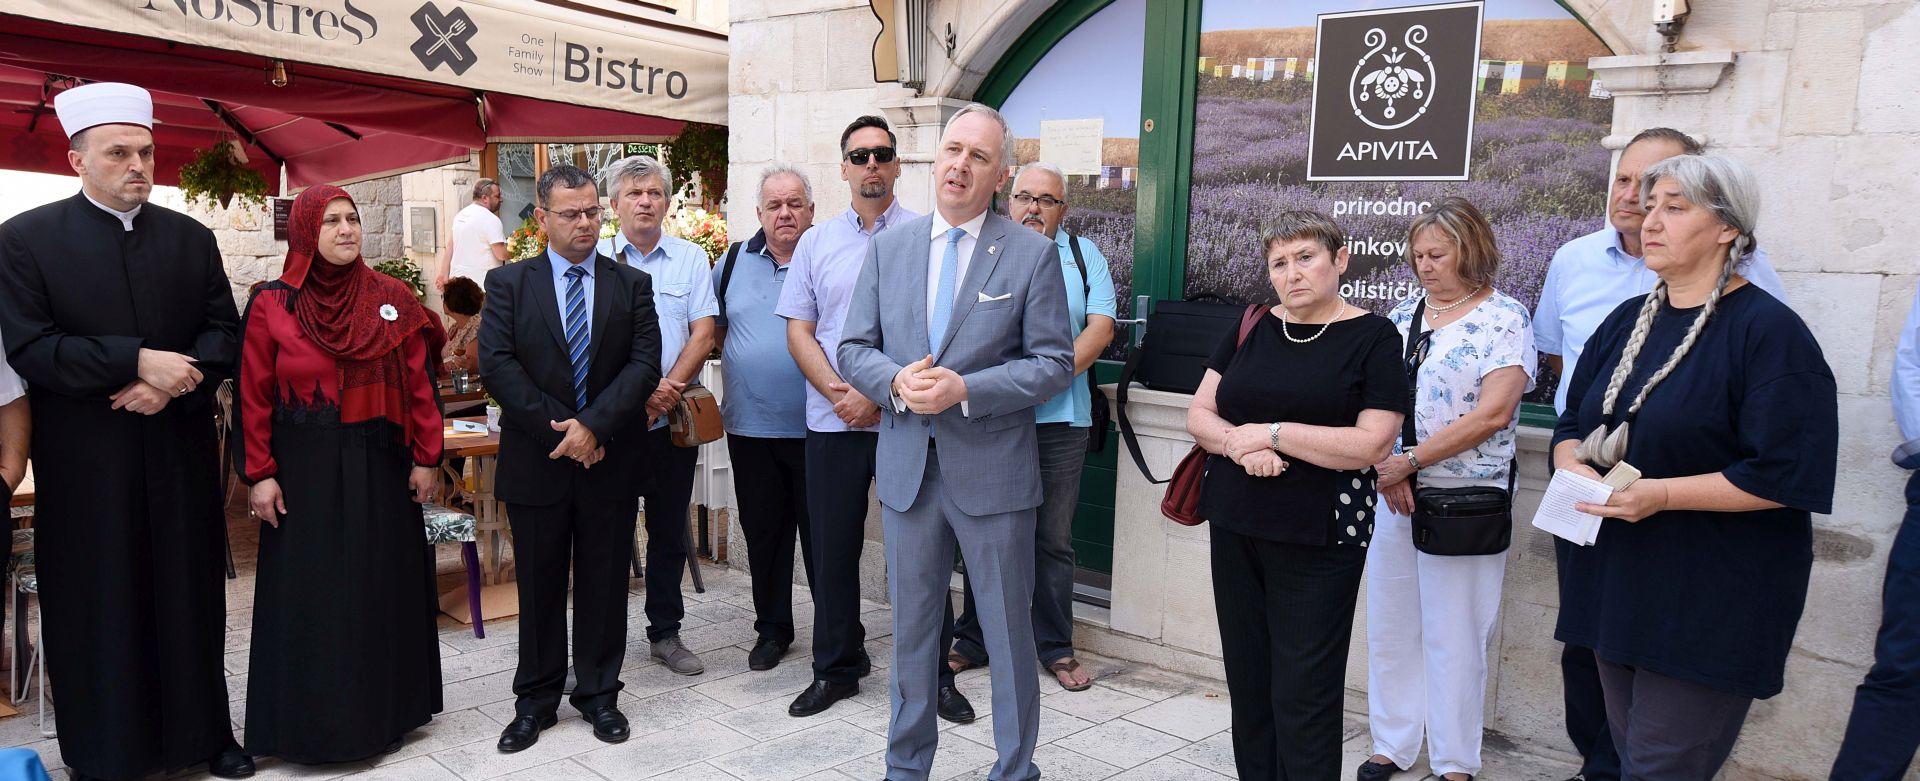 U Splitu otkrivena ploča za sjećanje na devastaciju Židovske zajednice